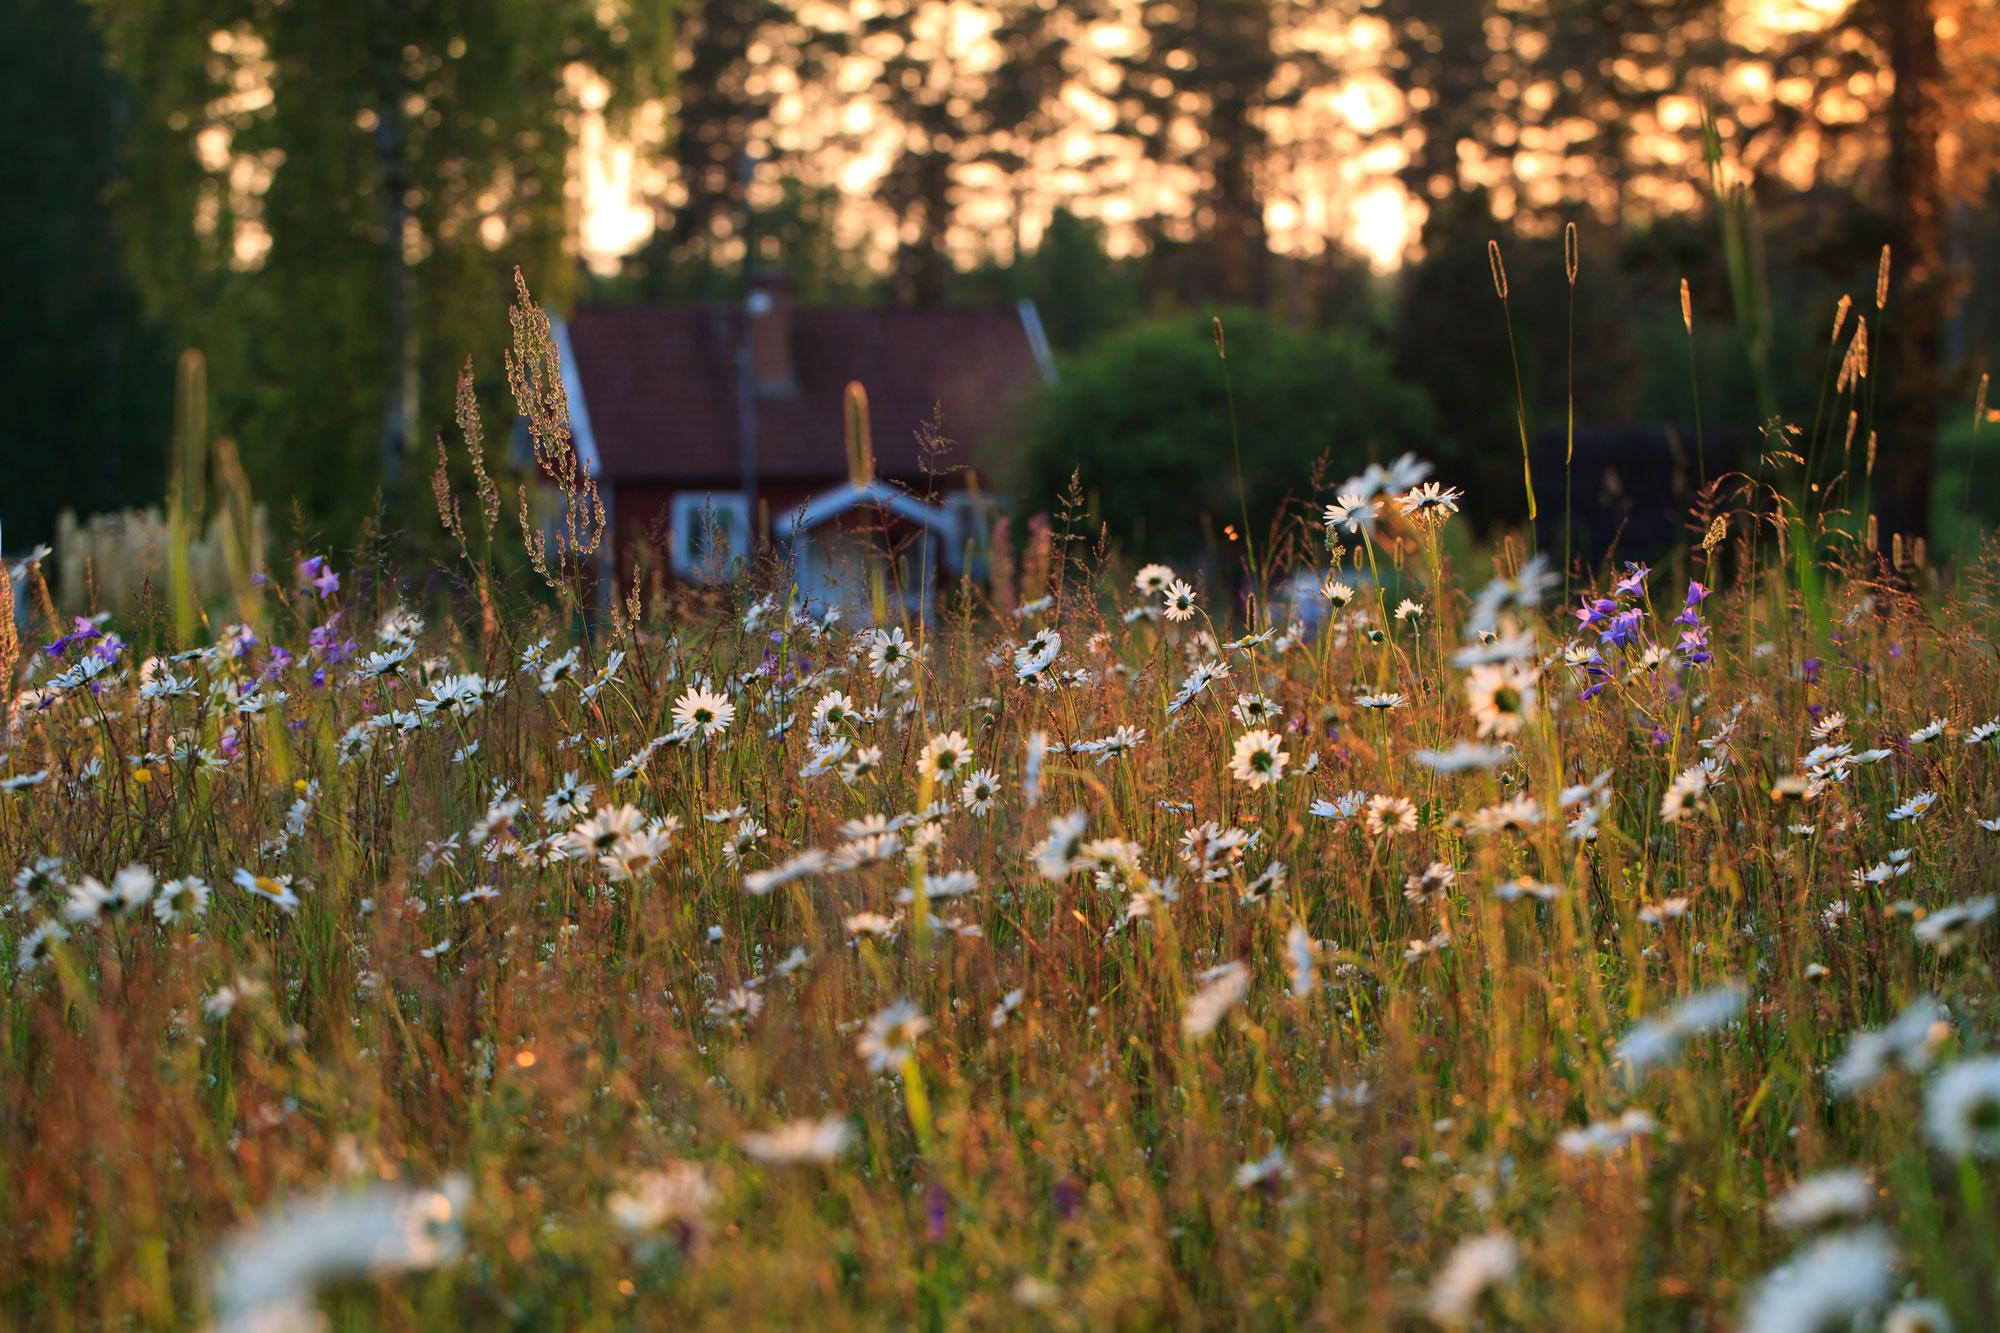 Rött hus i det småländska skogarna i solnedgång, en härlig sommaräng i förgrunden